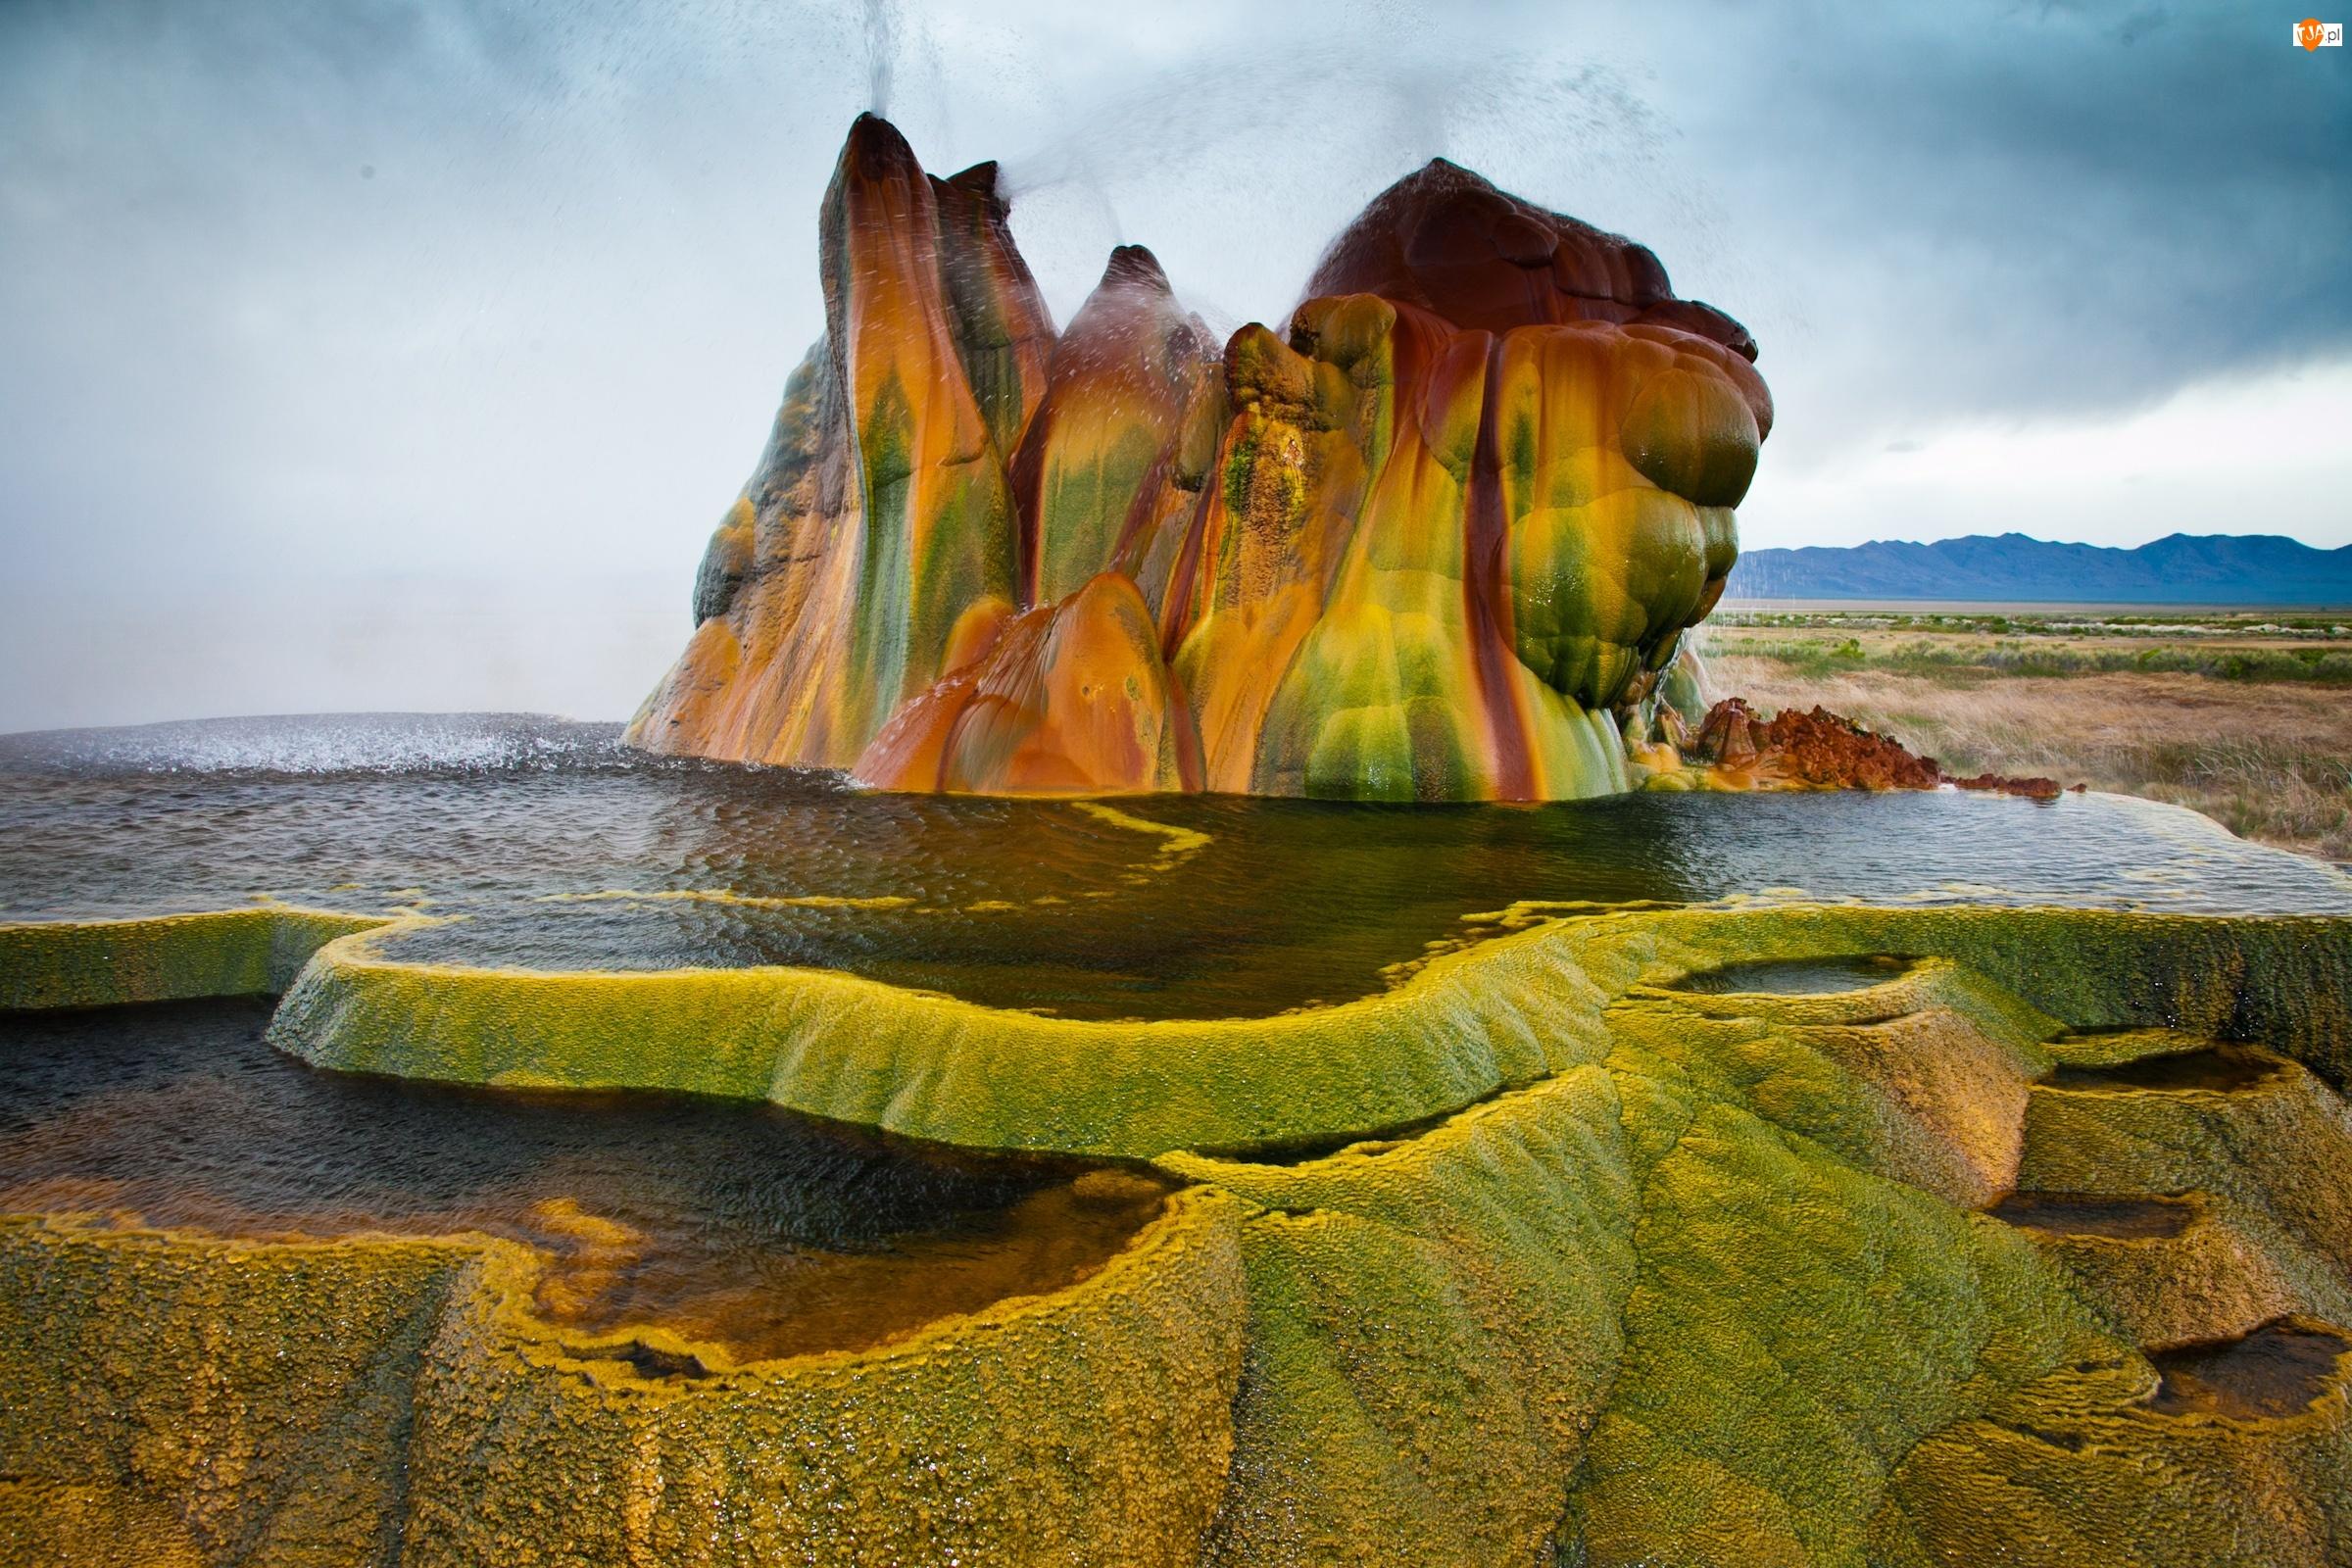 Hualapai Valley, Skała, Stan Nevada, Stany Zjednoczone, Gejzer Fly